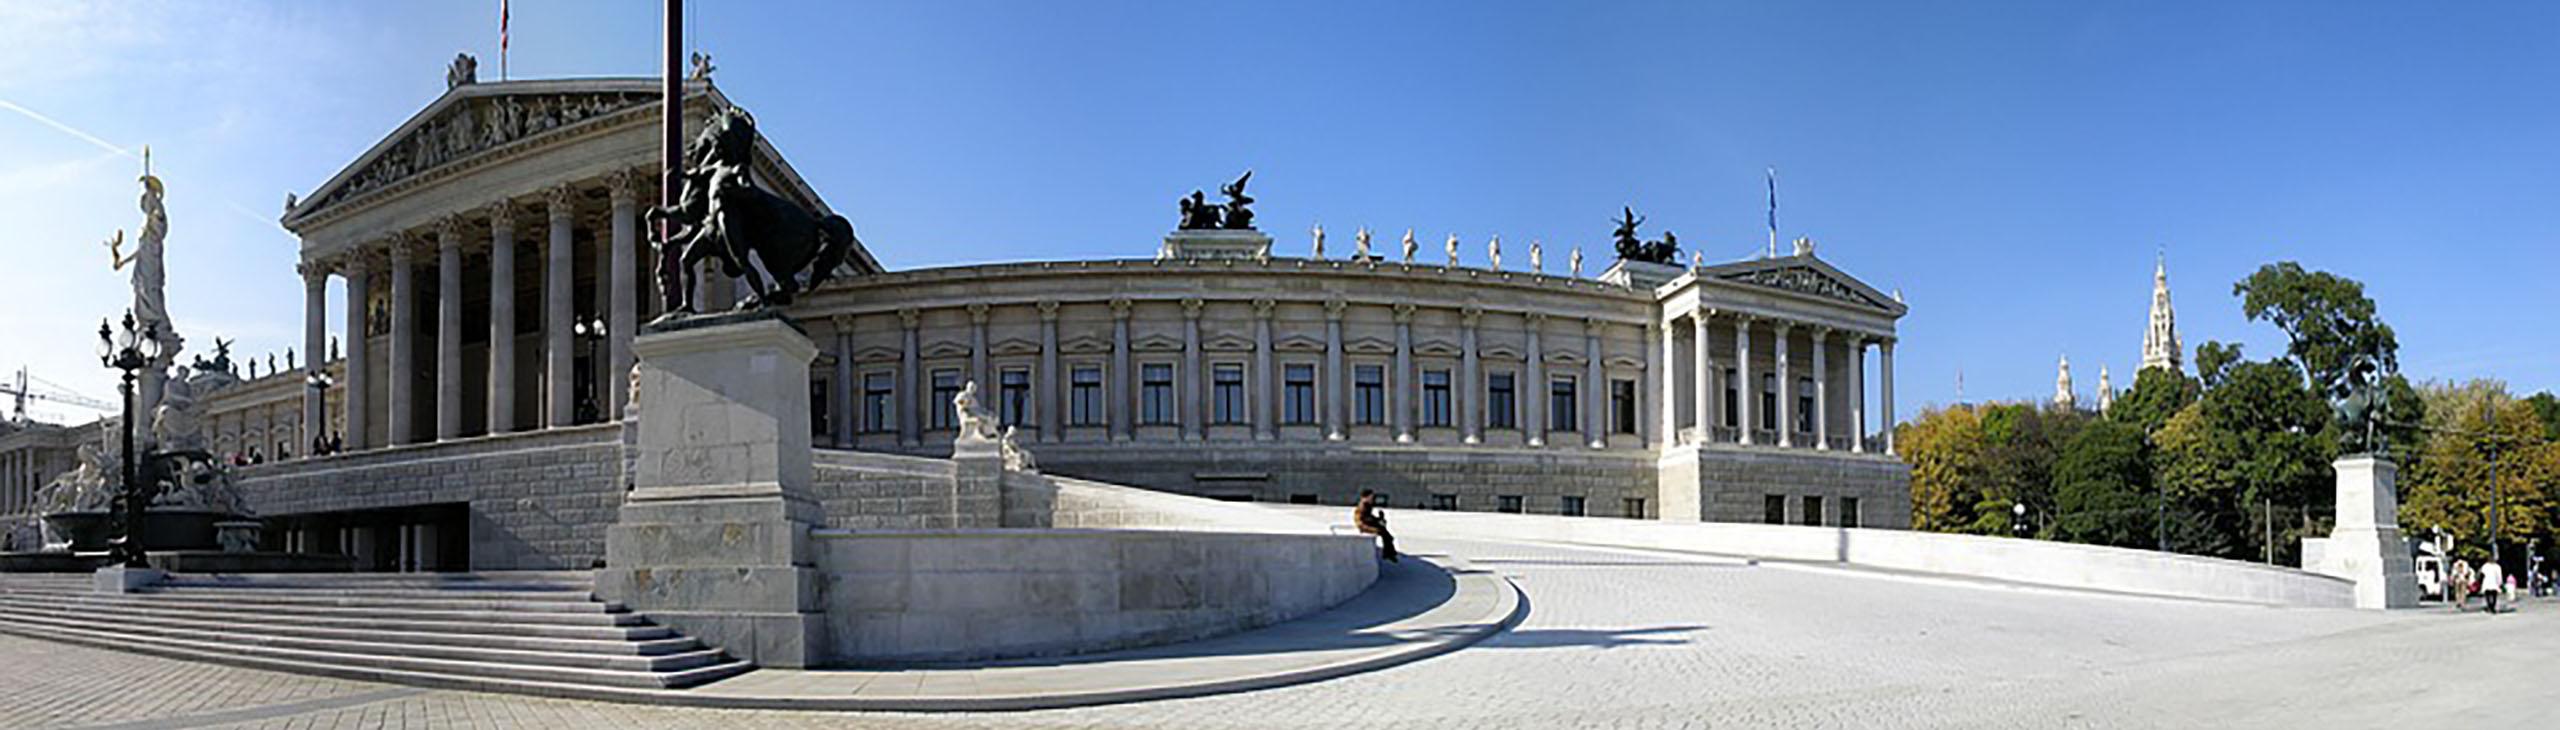 Wien entscheidet sich für SAMO von Asseco